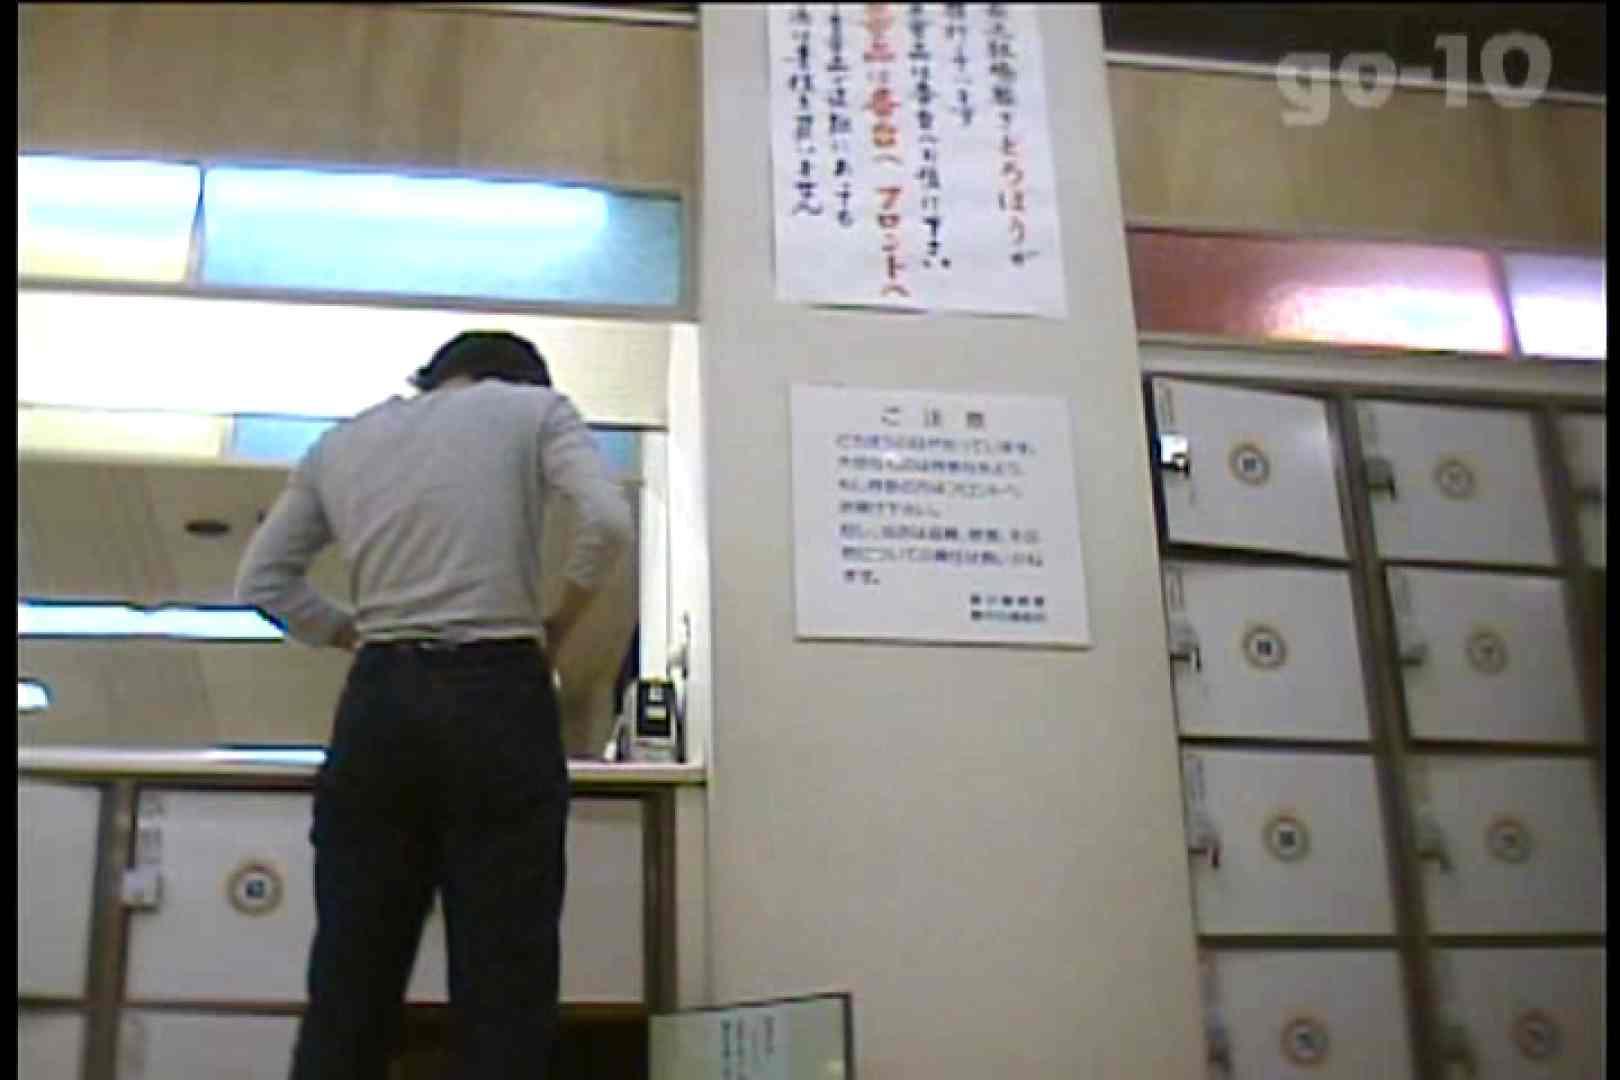 電波カメラ設置浴場からの防HAN映像 Vol.10 ギャル  65PIX 42